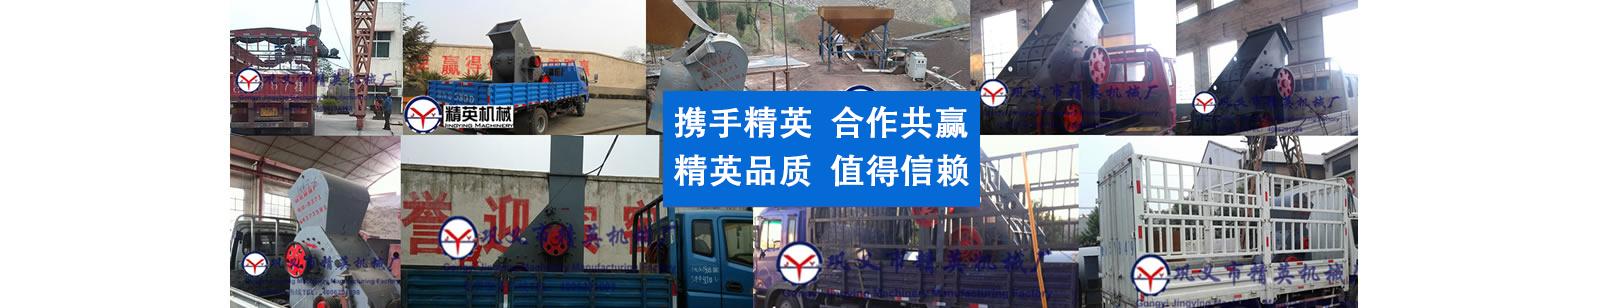 煤矸石粉碎机生产厂家